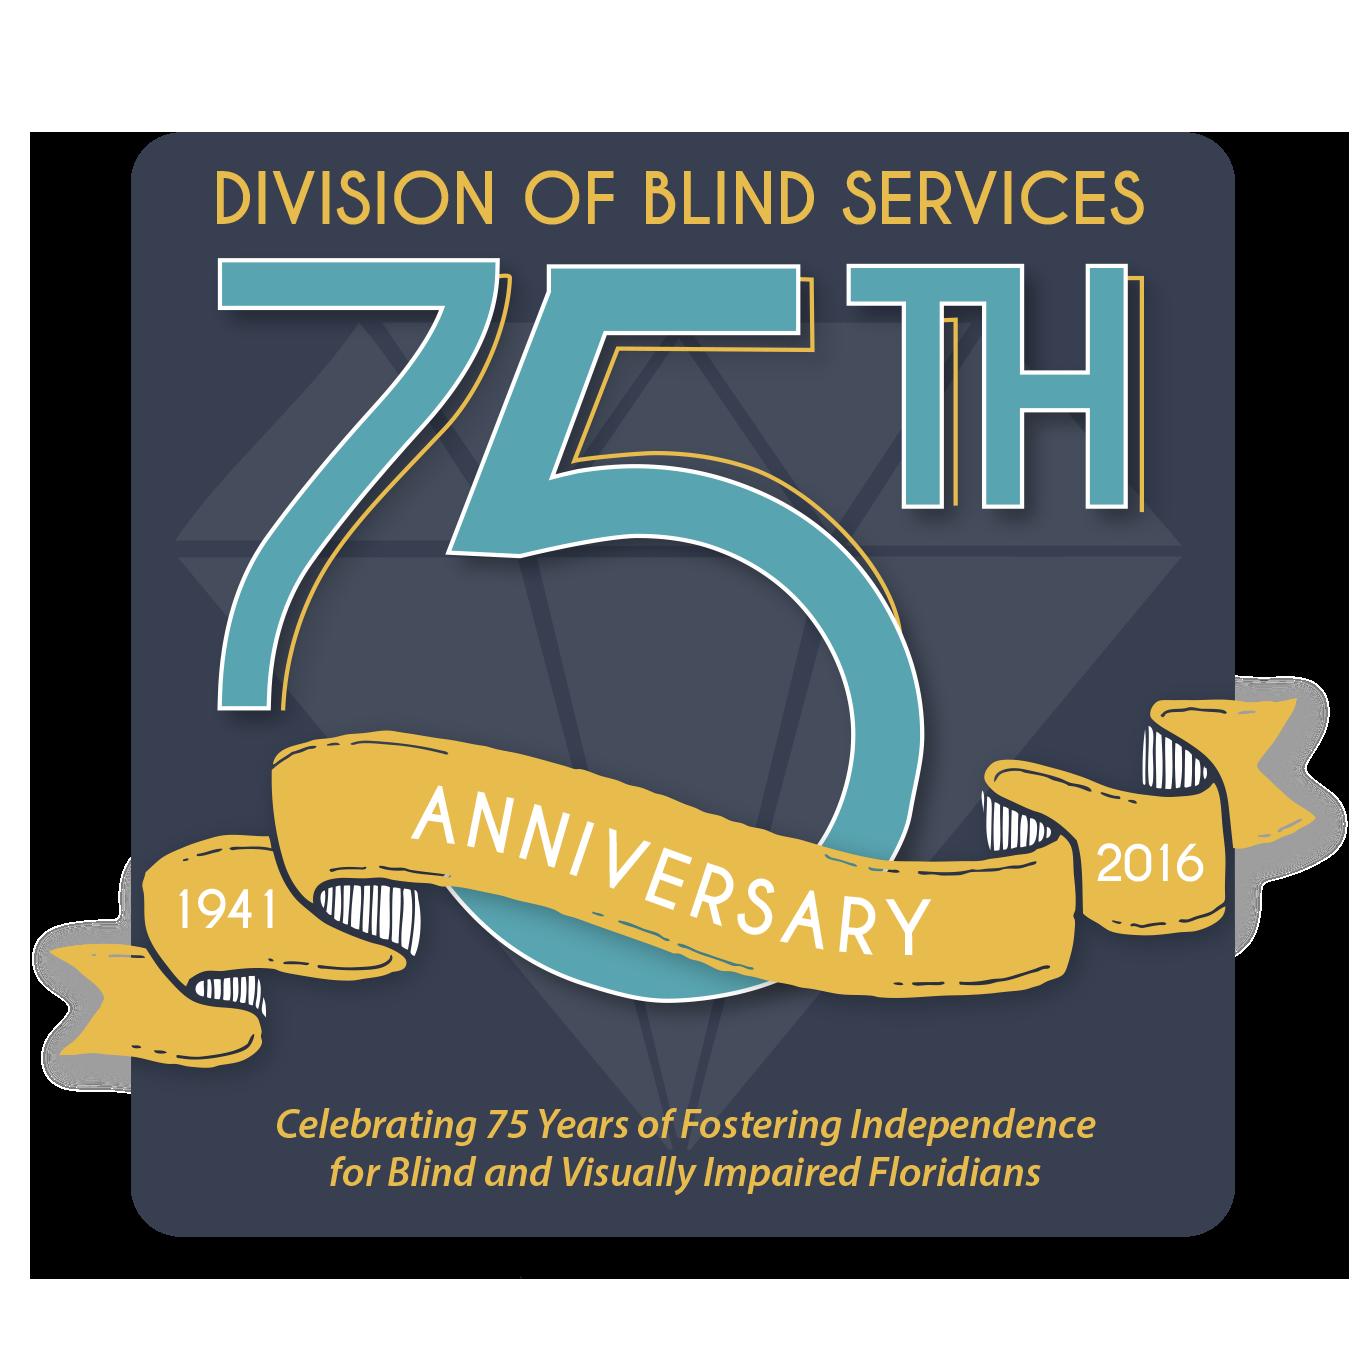 DBS 75th Anniversary Logo